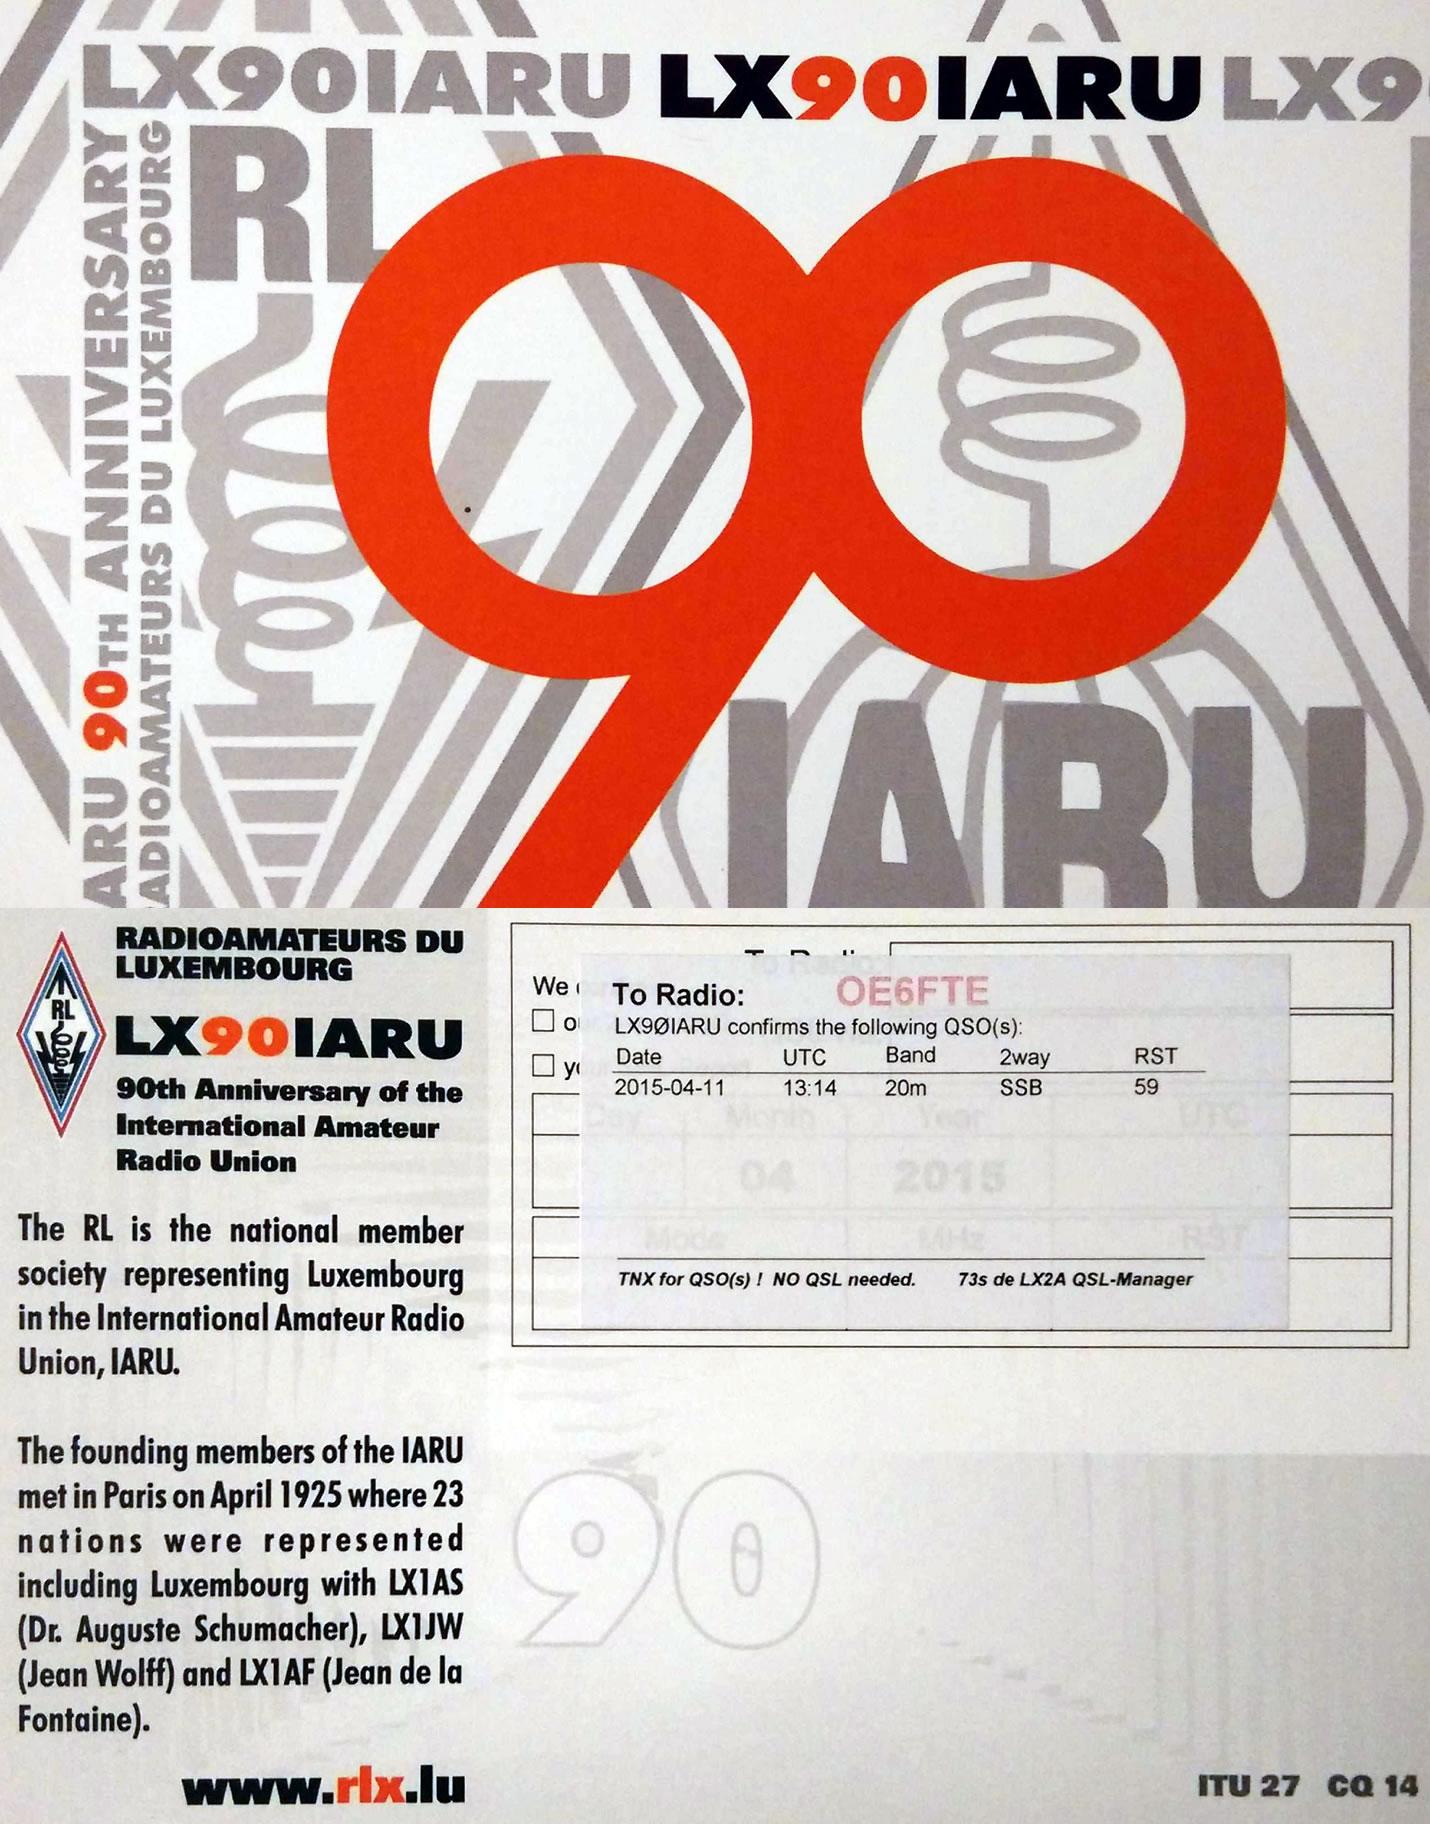 LX90IARU